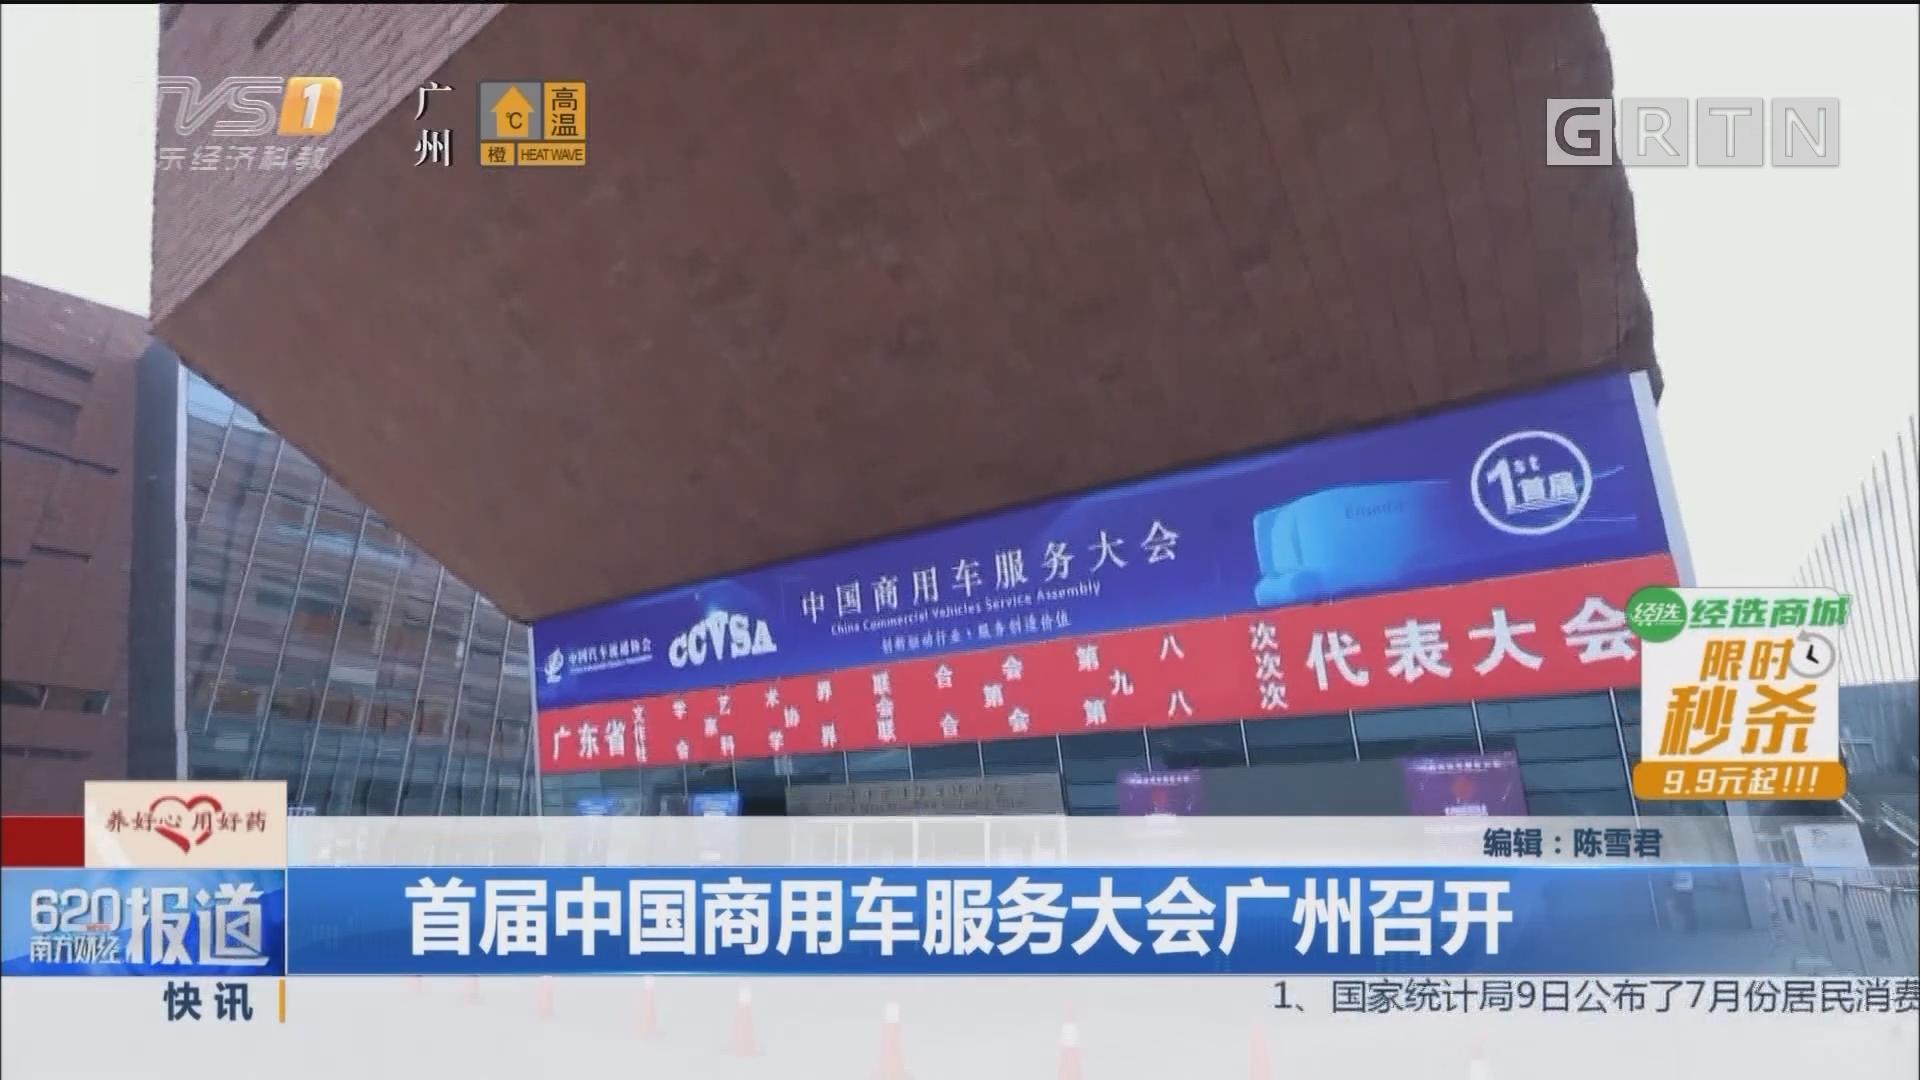 首届中国商用车服务大会广州召开